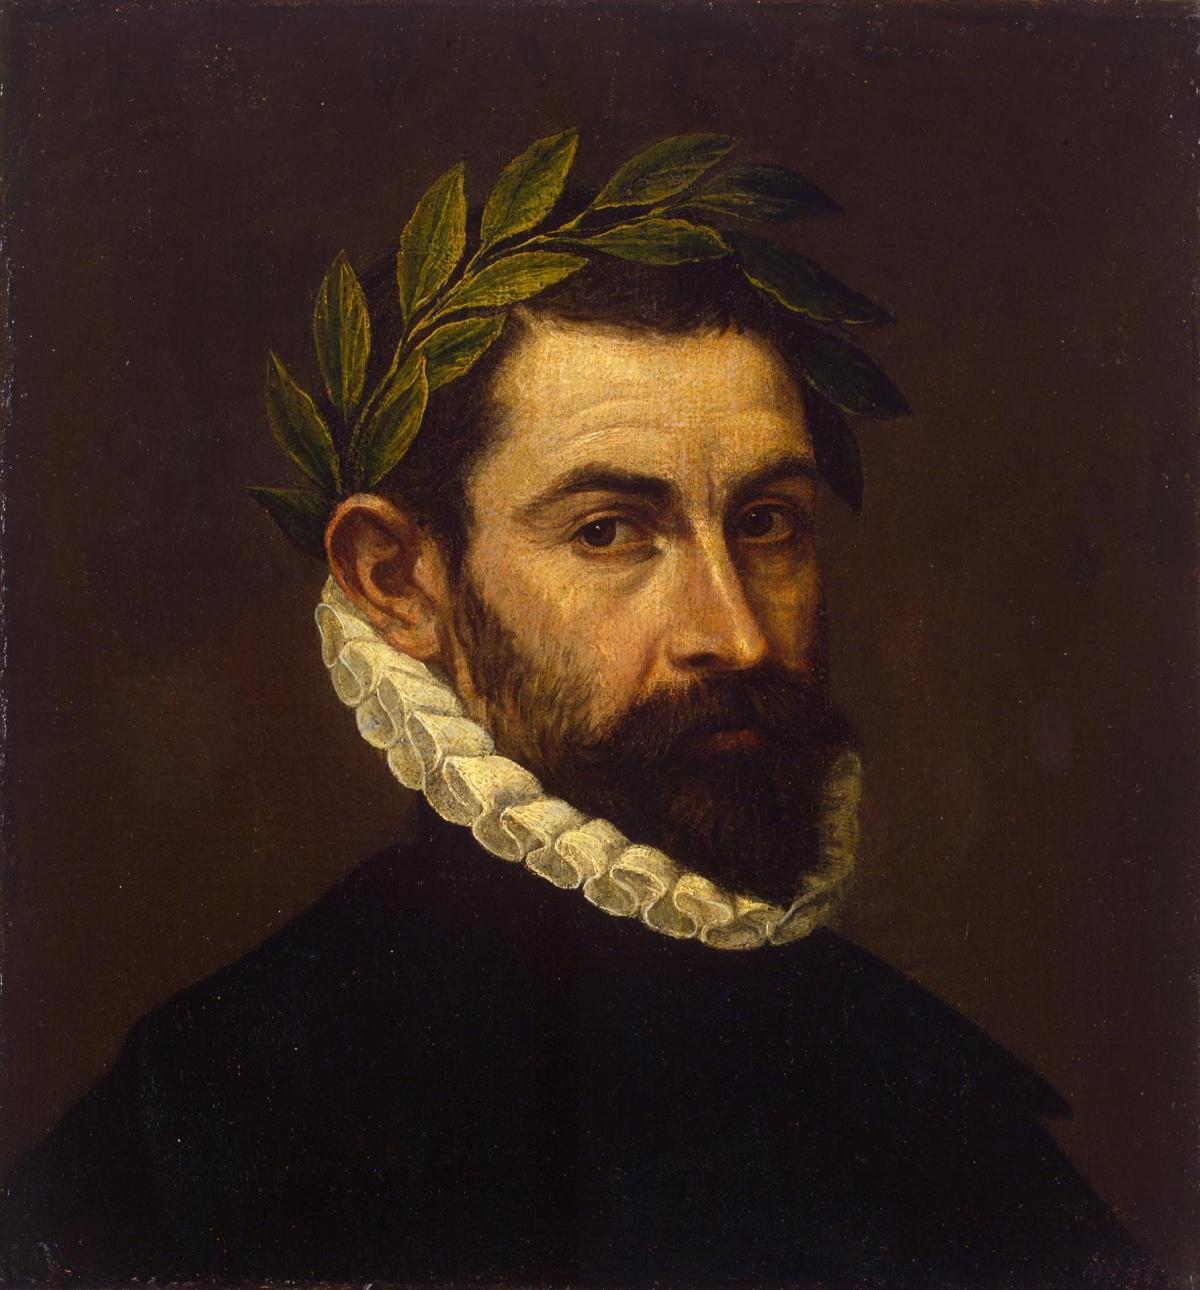 Poet Ercilla y Zuniga by El Greco